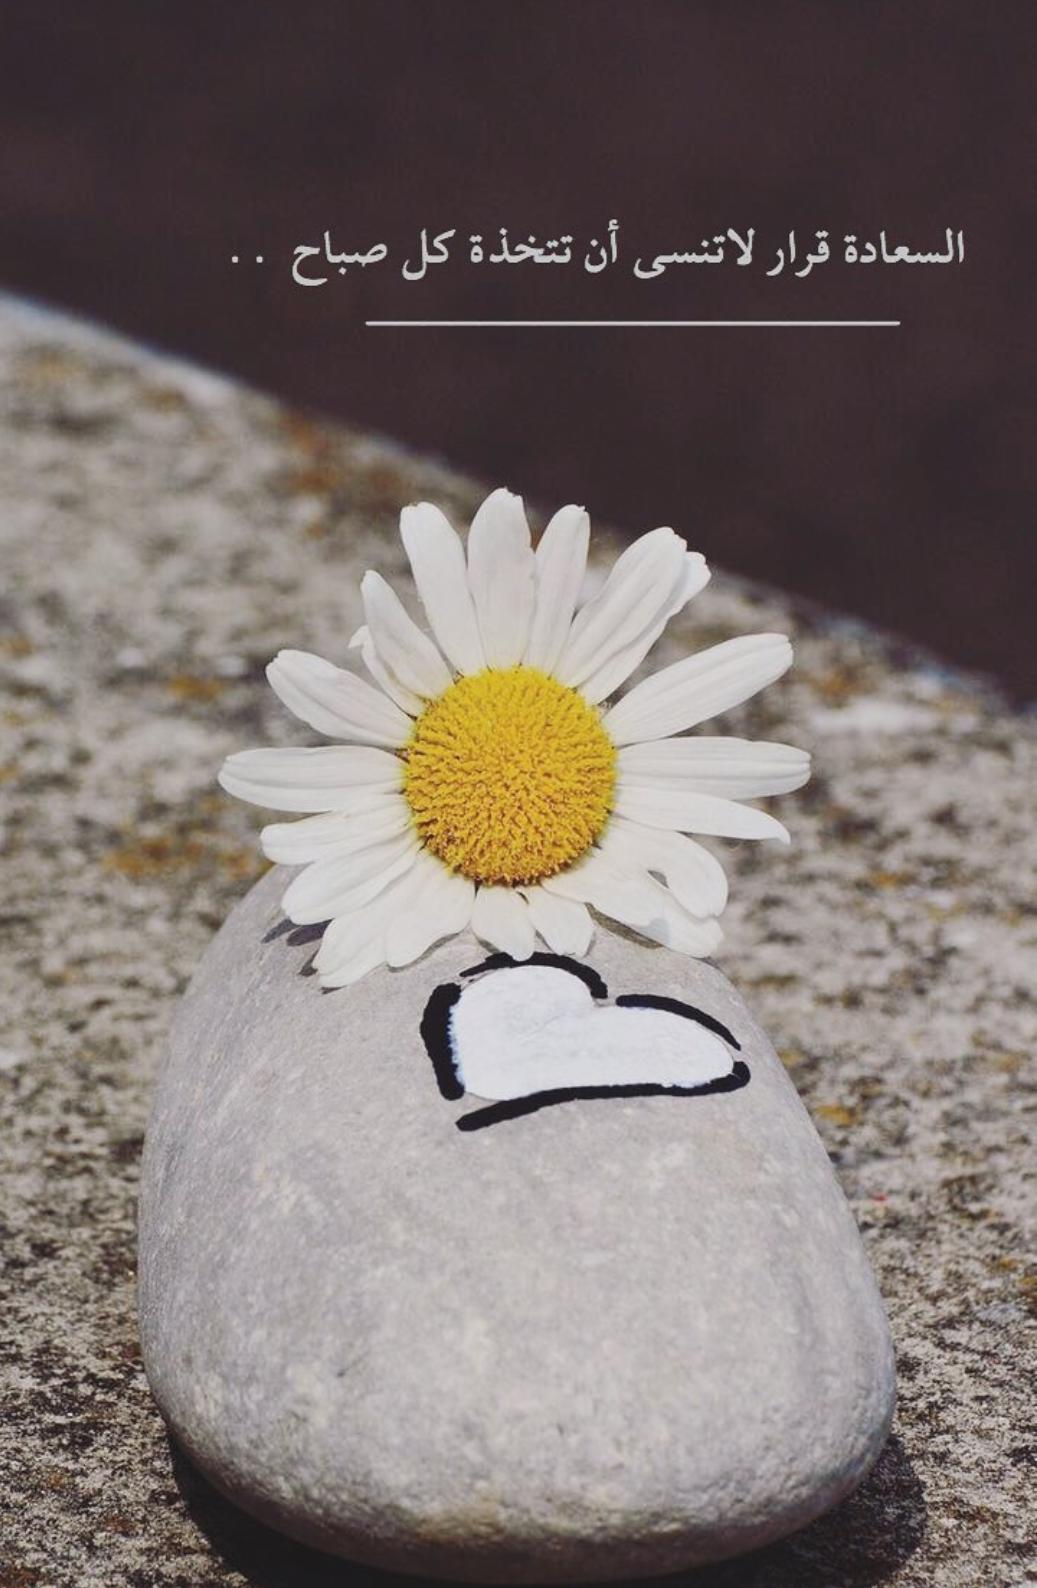 الأحمق يبحث عن السعادة في الاماكن البعيدة أما الحكيم فيزرعها تحت قدميه حكم كلمات أقوال أدب نجاح فكر مقولة كت Social Quotes Words Quotes Wise Quotes